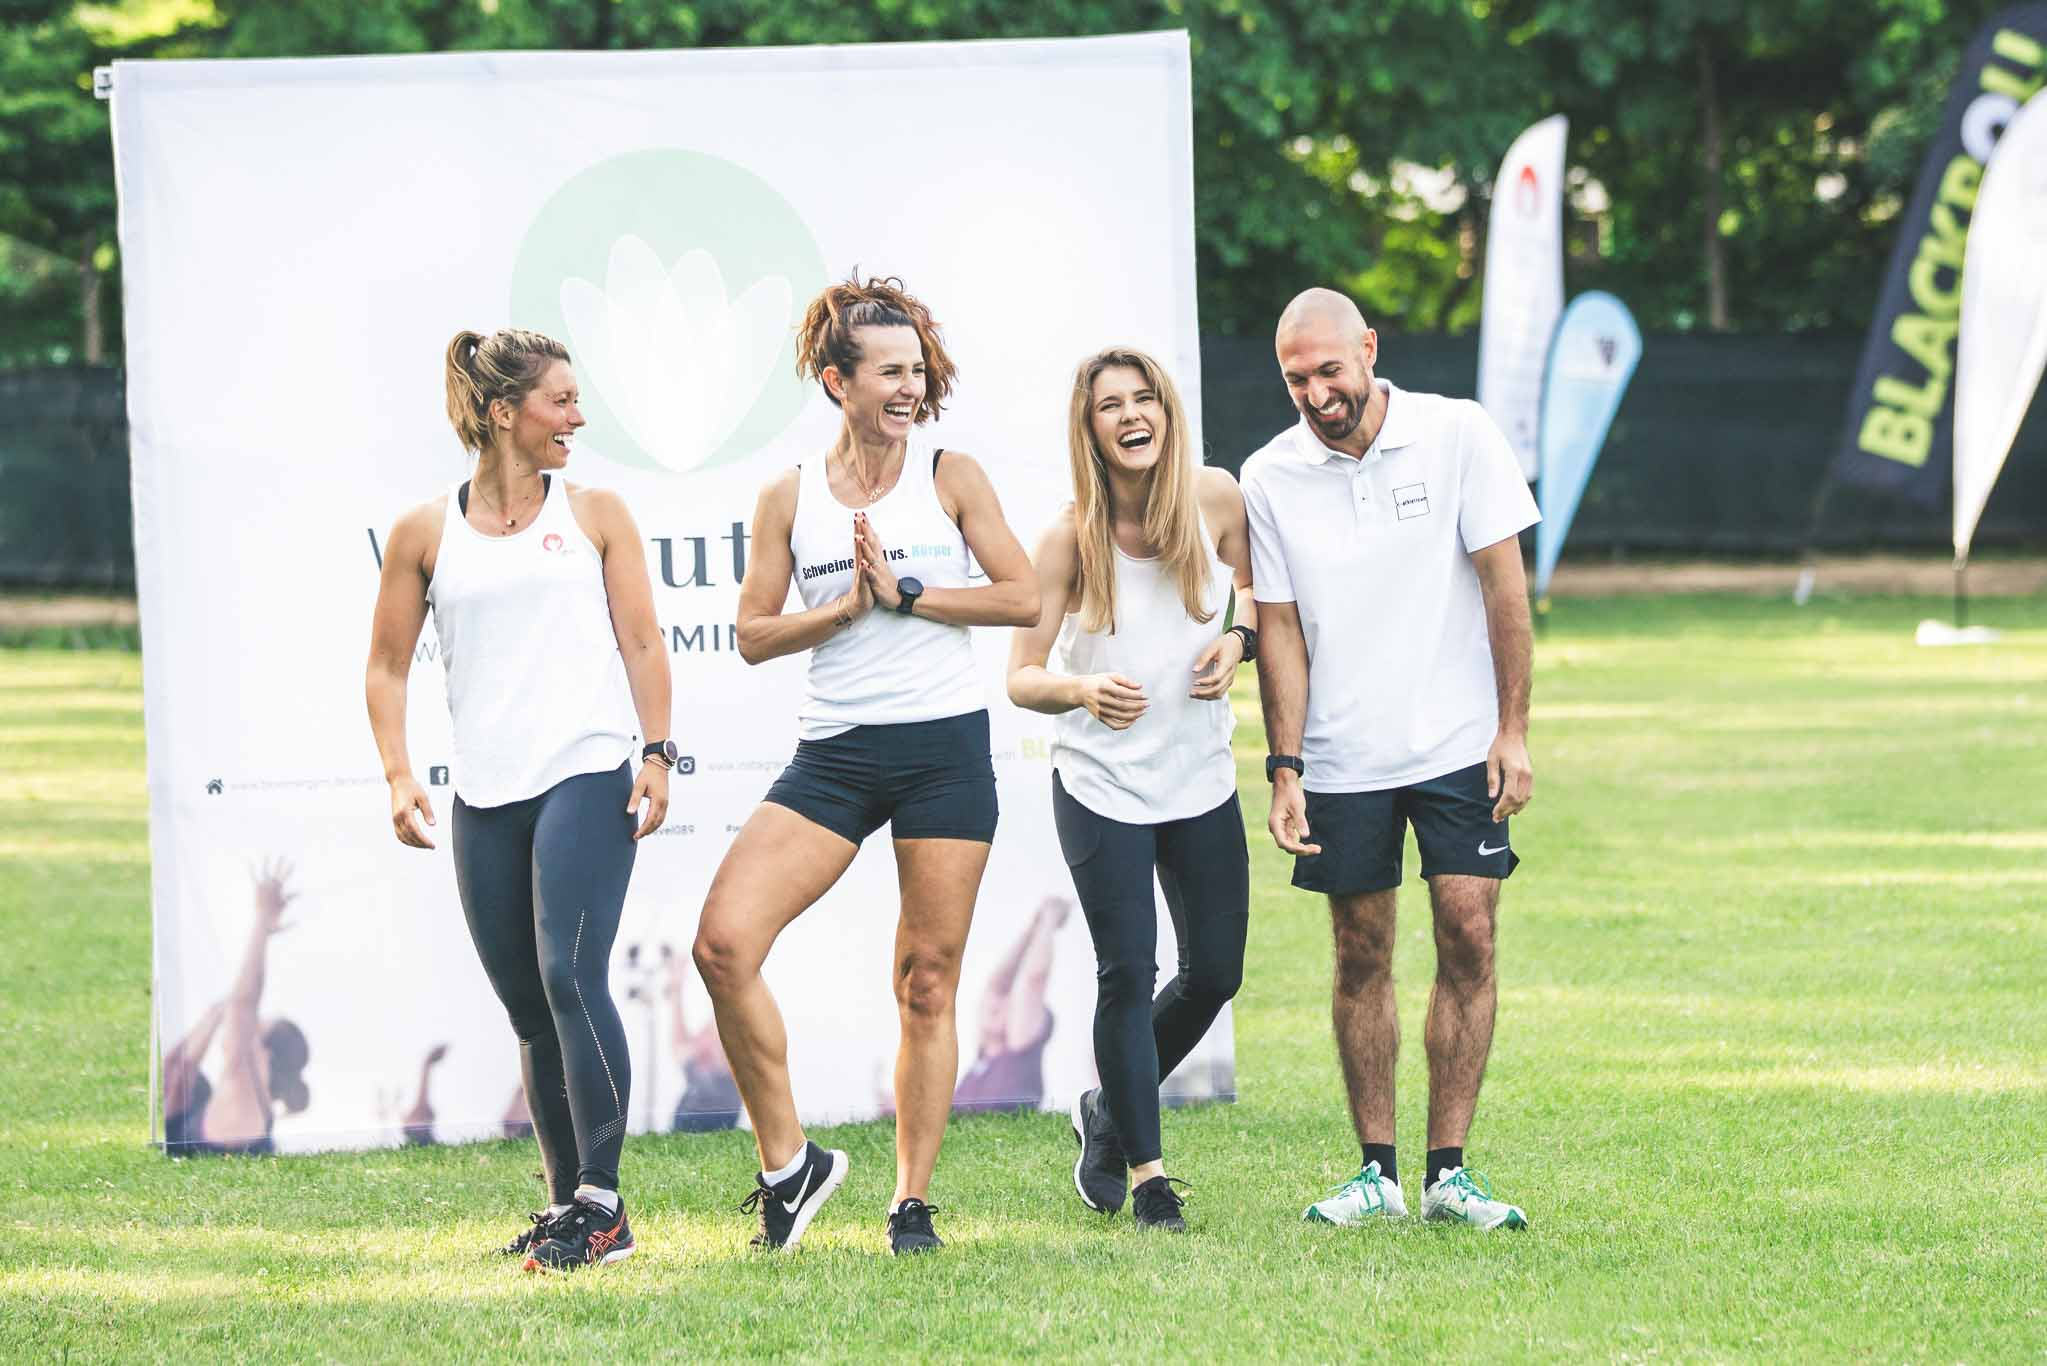 Vier lachende, sportliche Personen bei Outdoor Fitness Projekt Workoutside im Olympiapark München, alle tragen weiße Sport Shirts und schwarze Sporthosen, Bloomergy|m, Mitarbeiterfotografie, Lifestylefotografie, WINGMEN Media